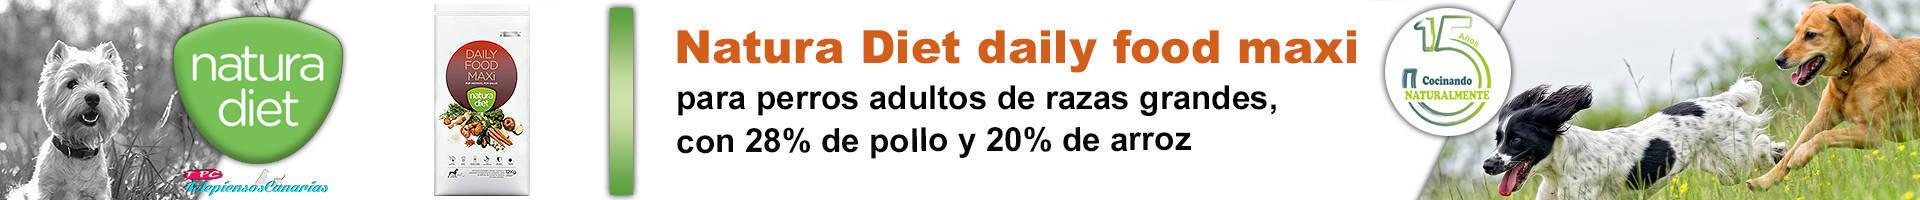 Natura diet daily food maxi para perros de tamaño grande